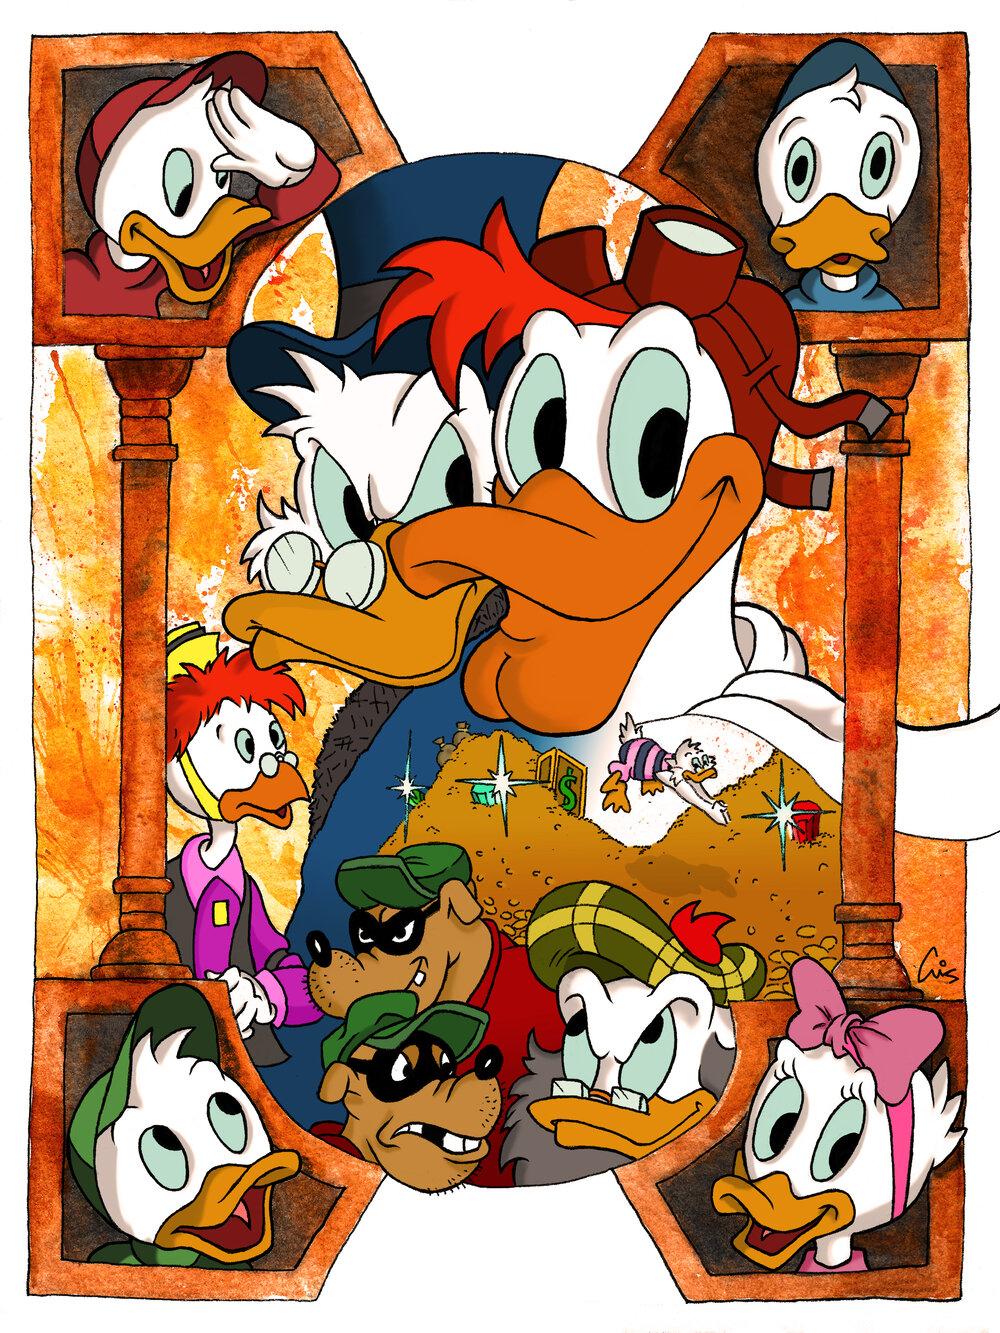 DuckTales (WOO-HOO)